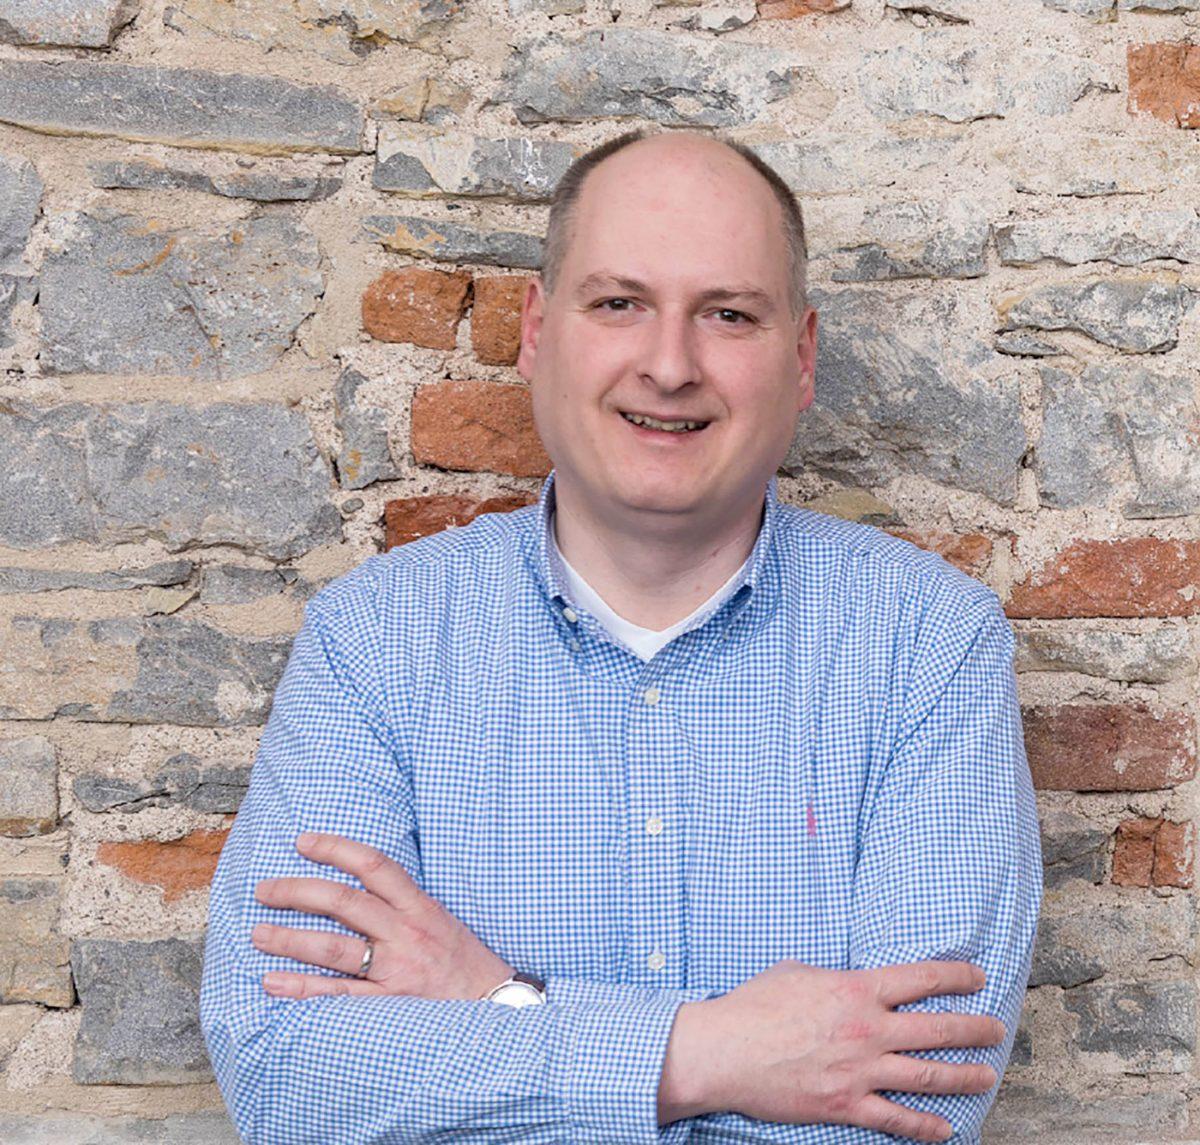 Frank Barlian